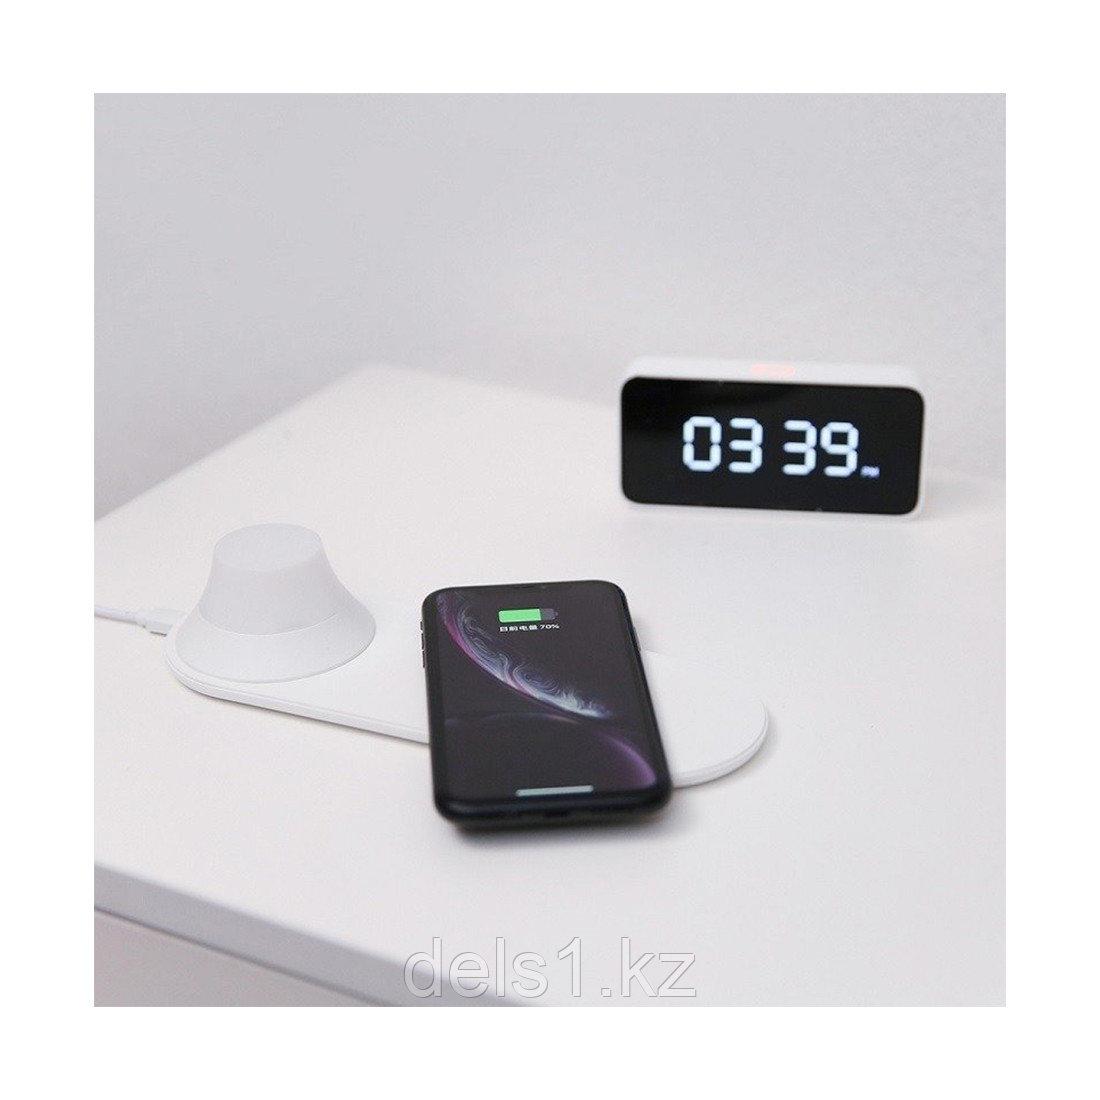 Беспроводное зарядное устройство с ночником, Xiaomi Yeelight, Wireless charge nightlight YLYD08YI, Белый